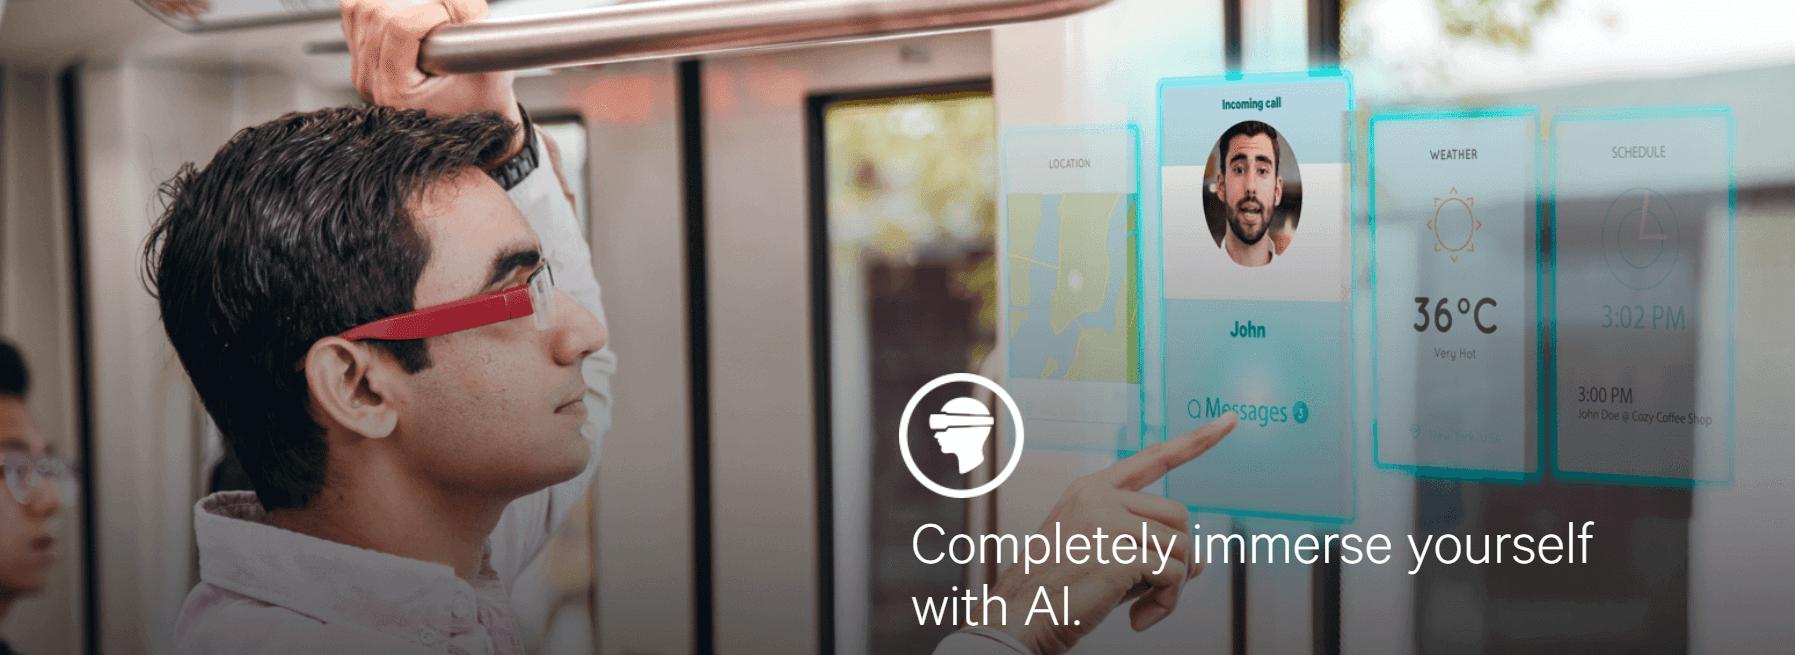 MWC 2018: Qualcomm anuncia Snapdragon 700 e muitas outras tecnologias